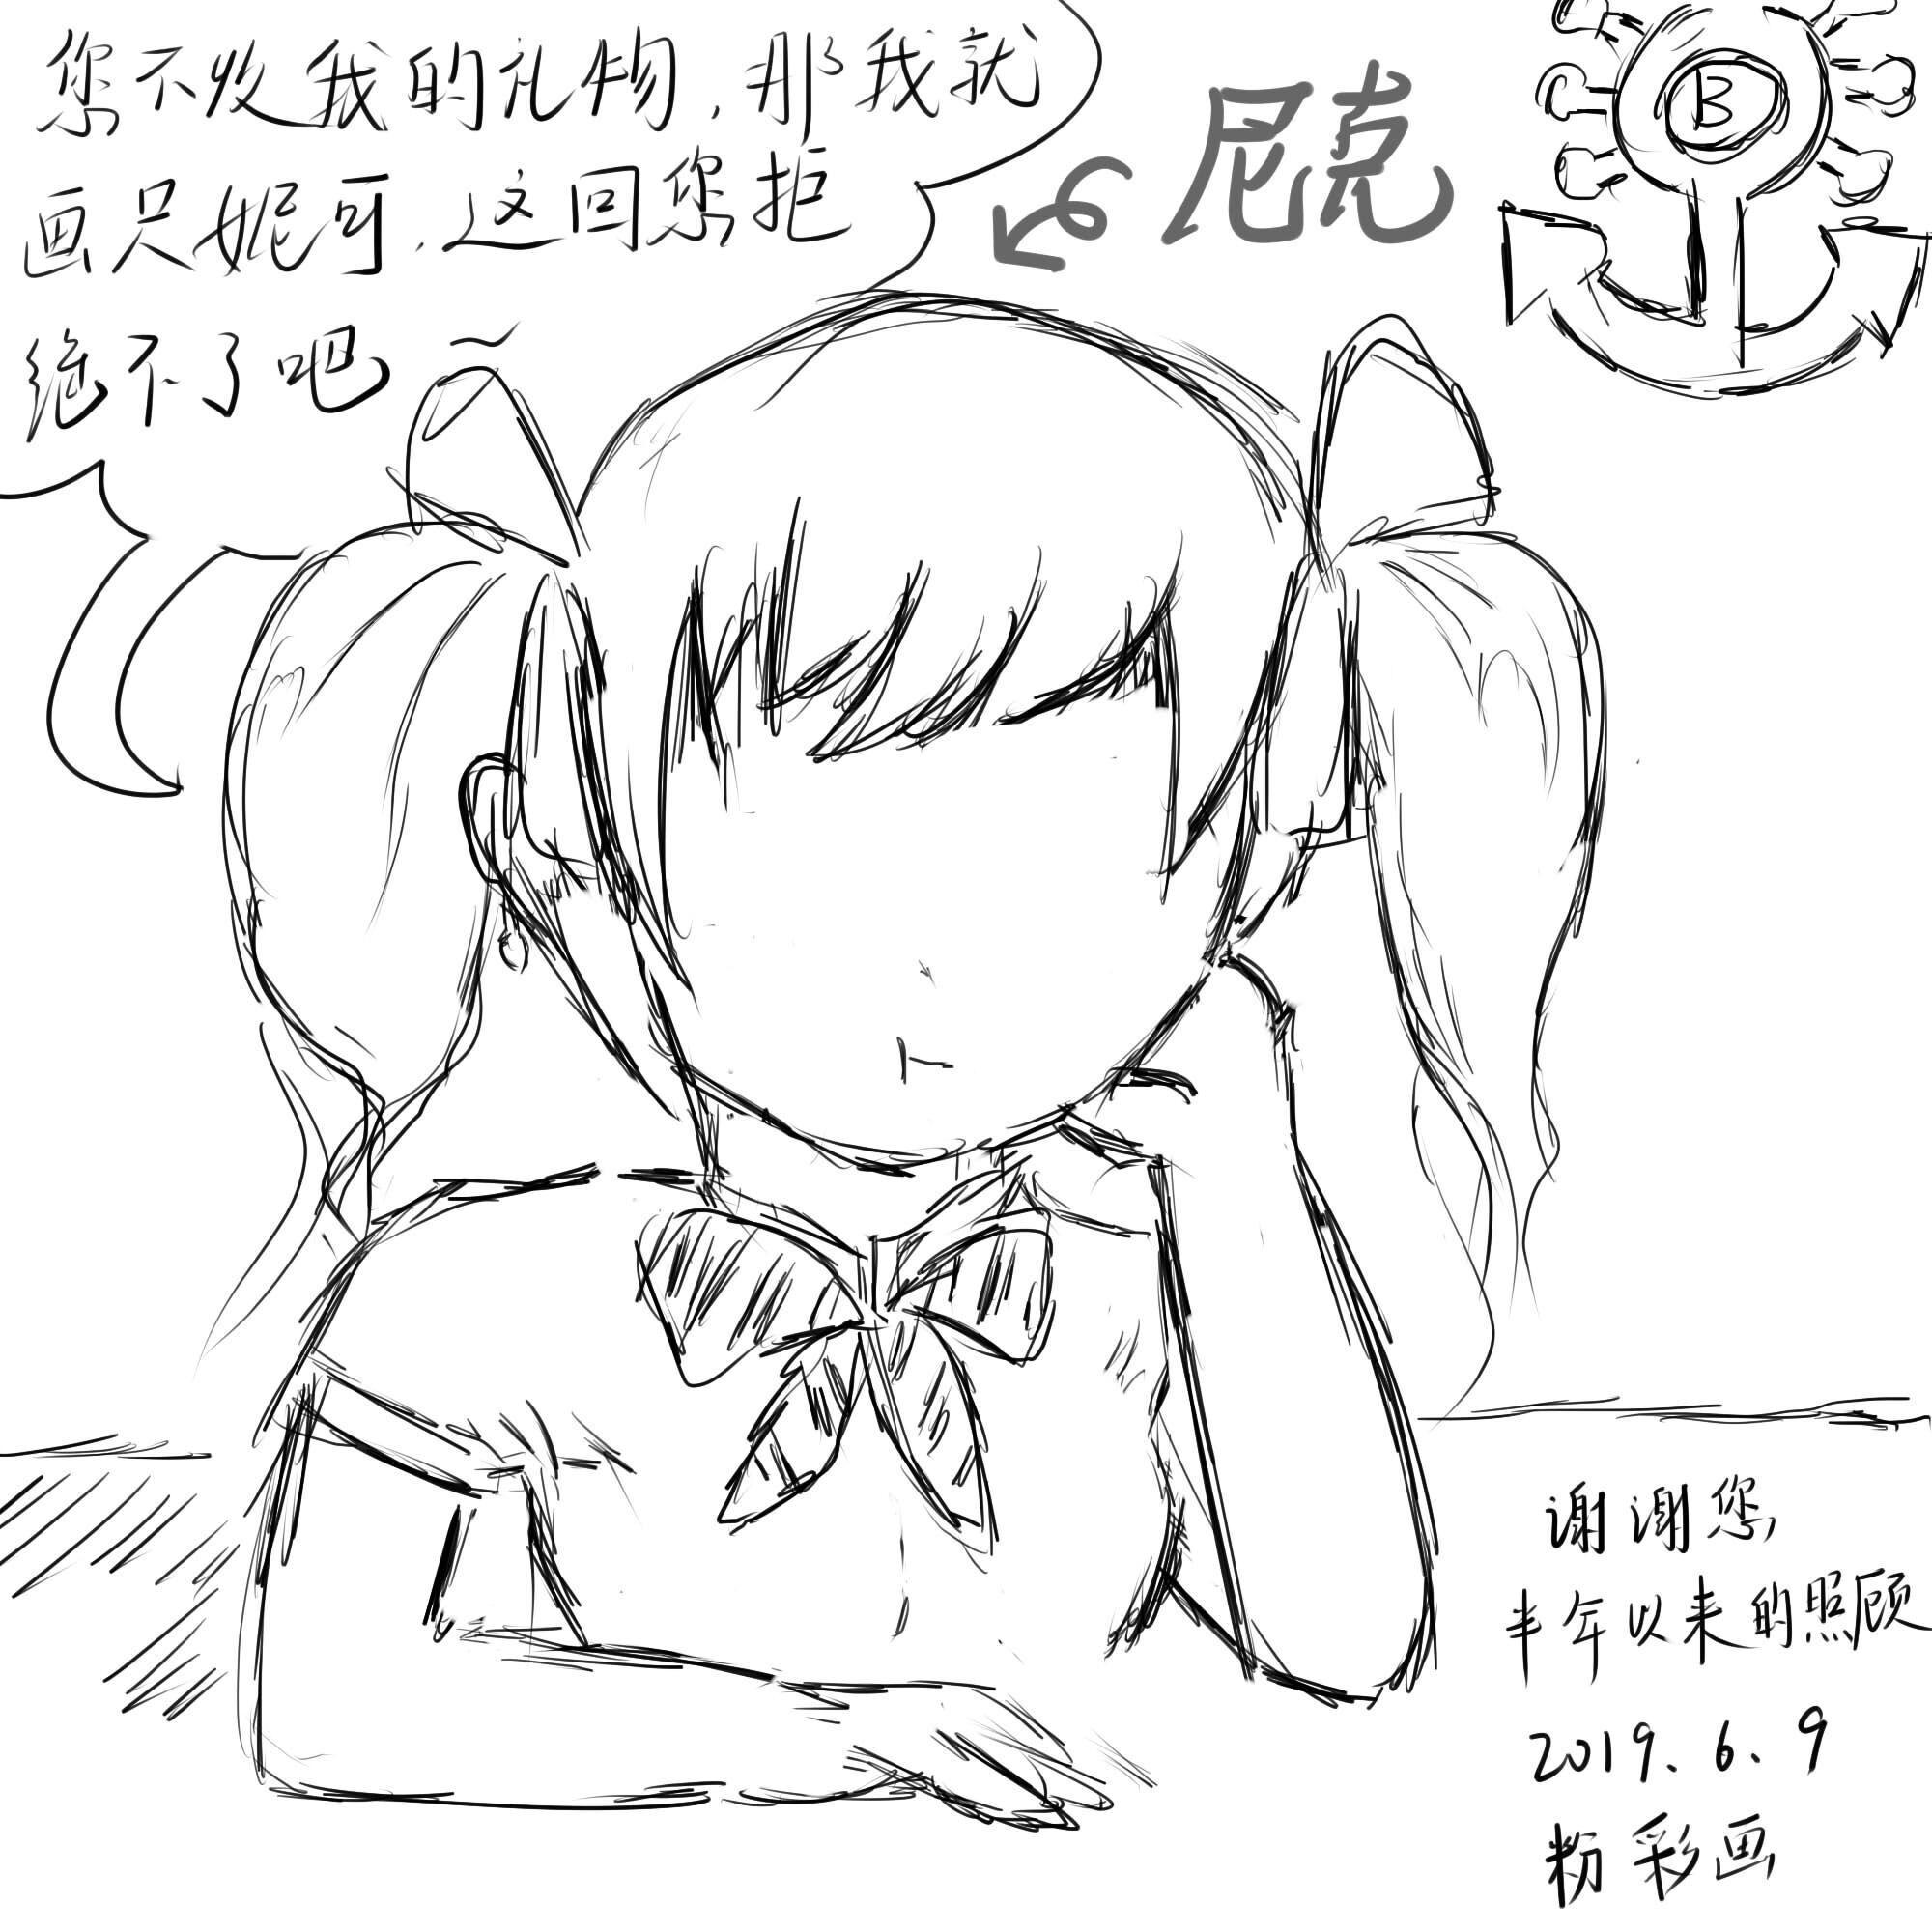 粉彩画赠.jpg